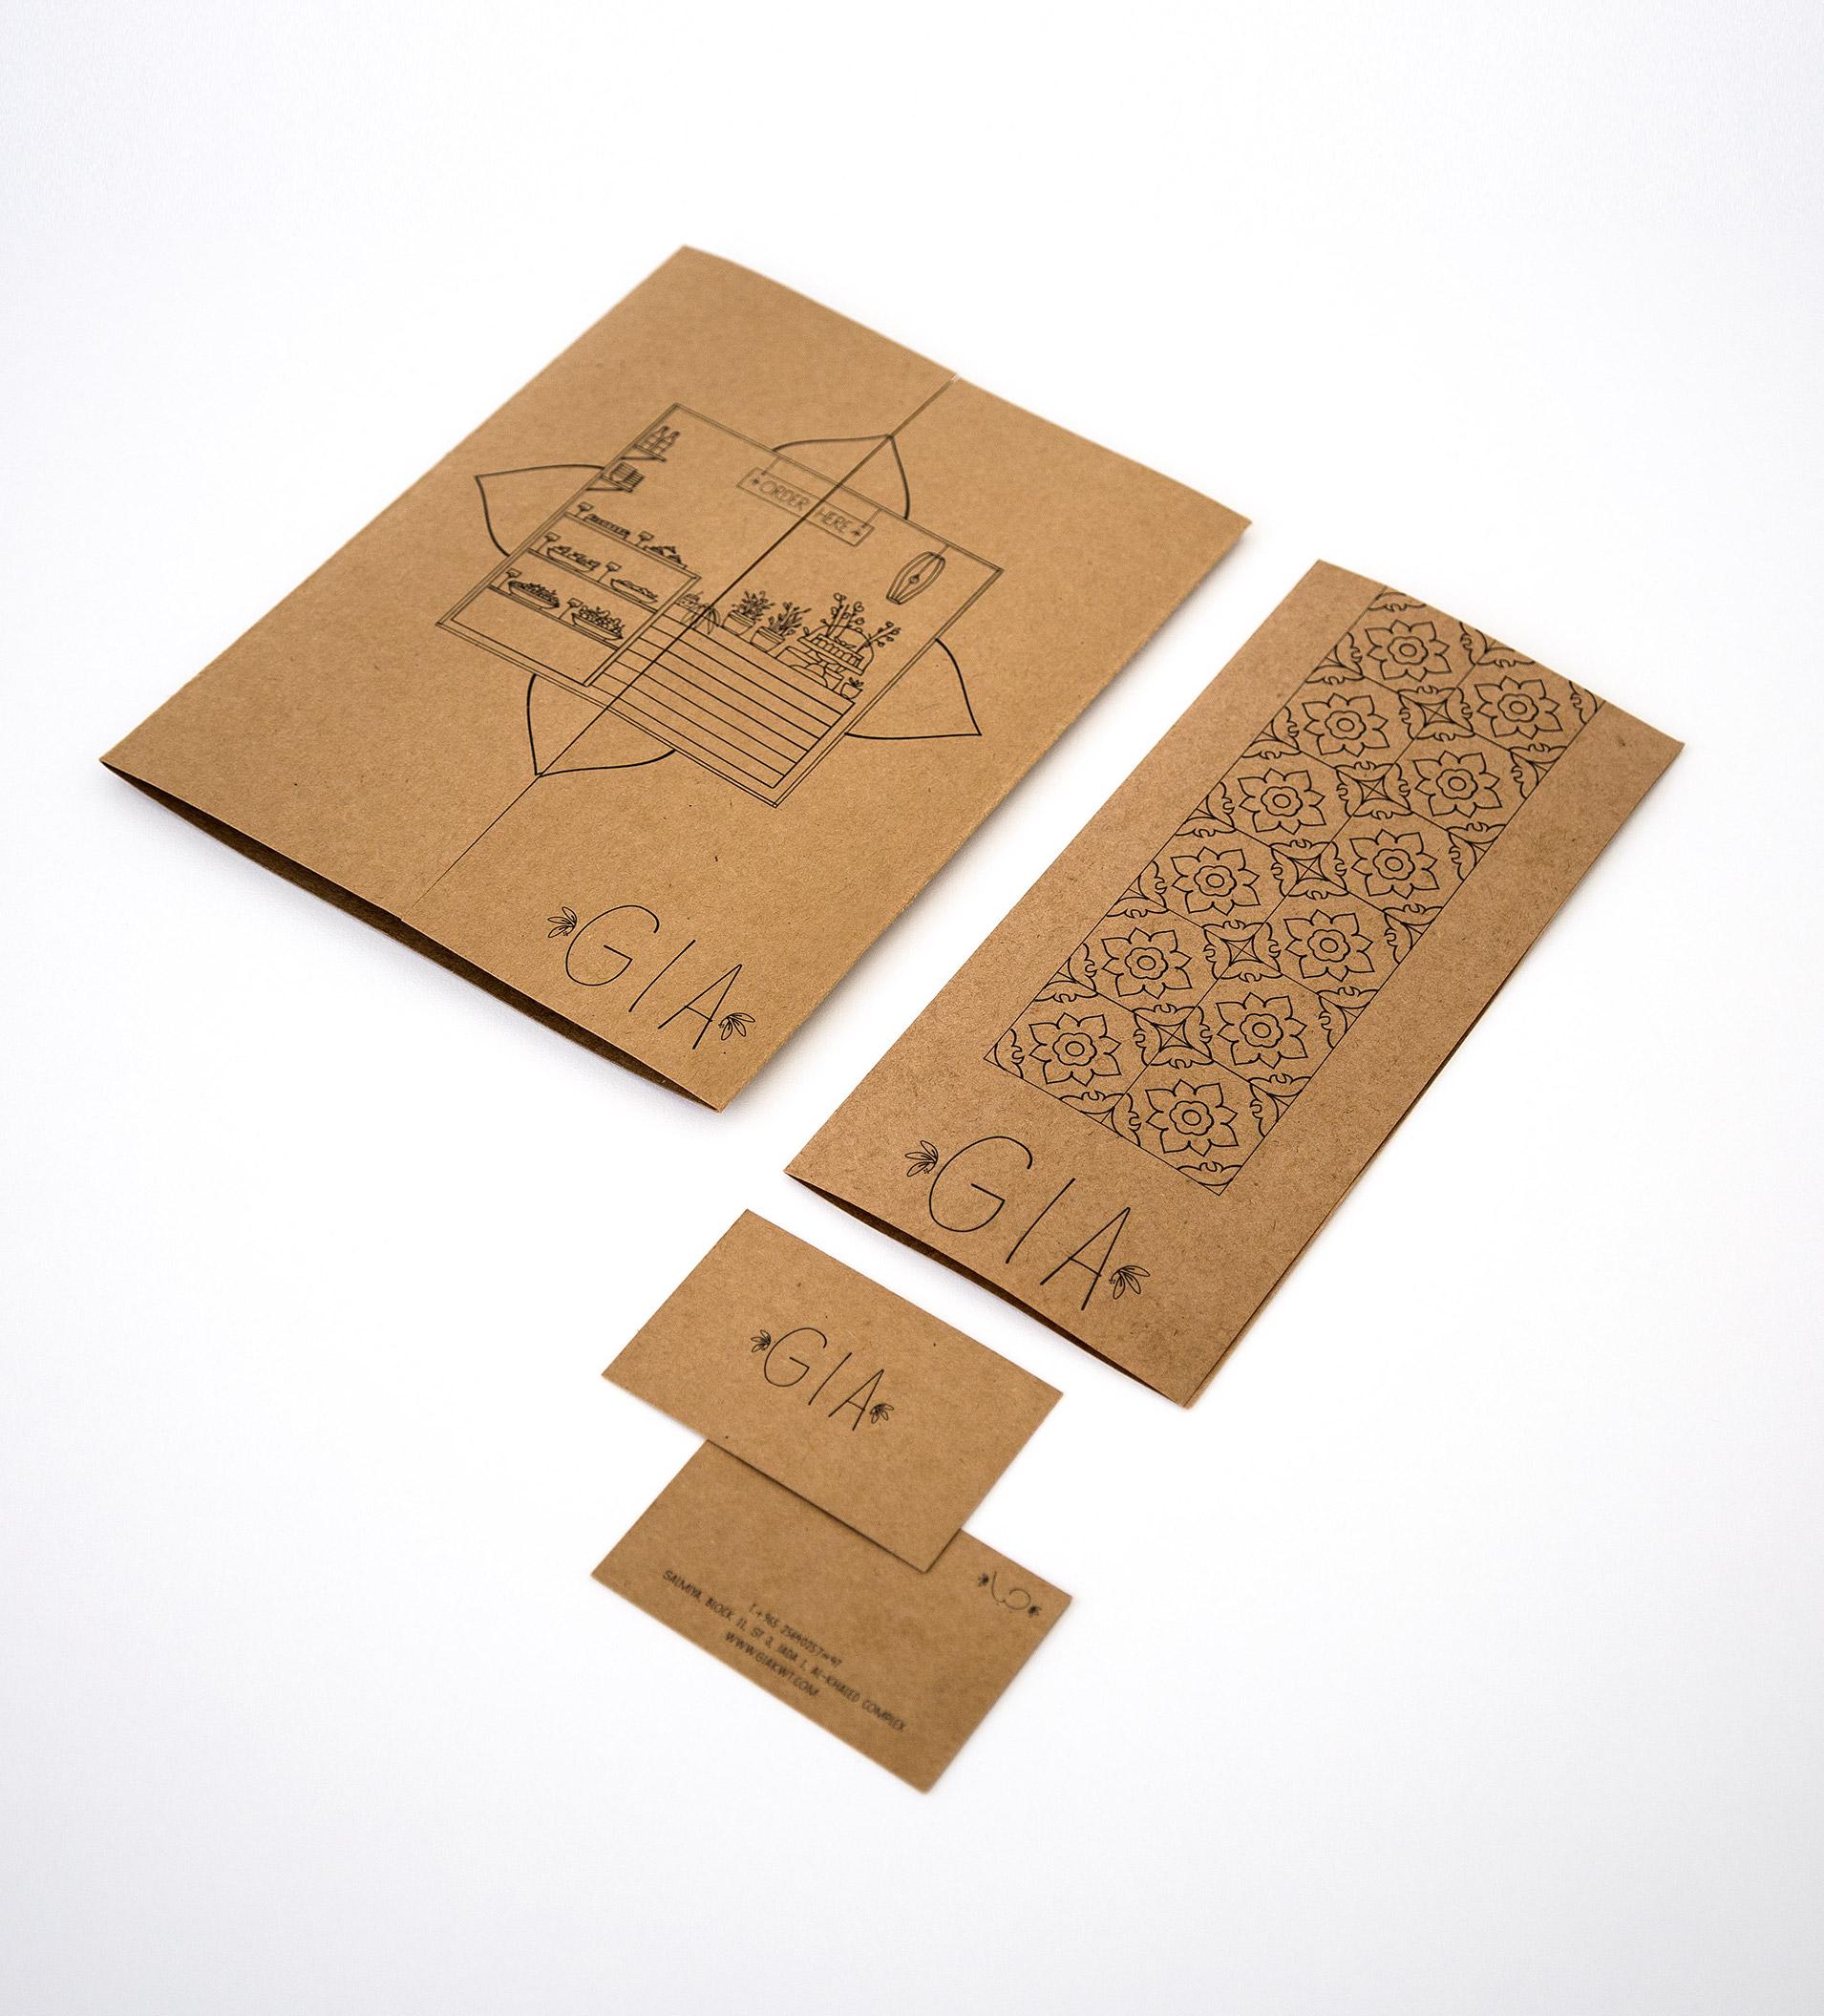 packaging3_1 copy_1.jpg